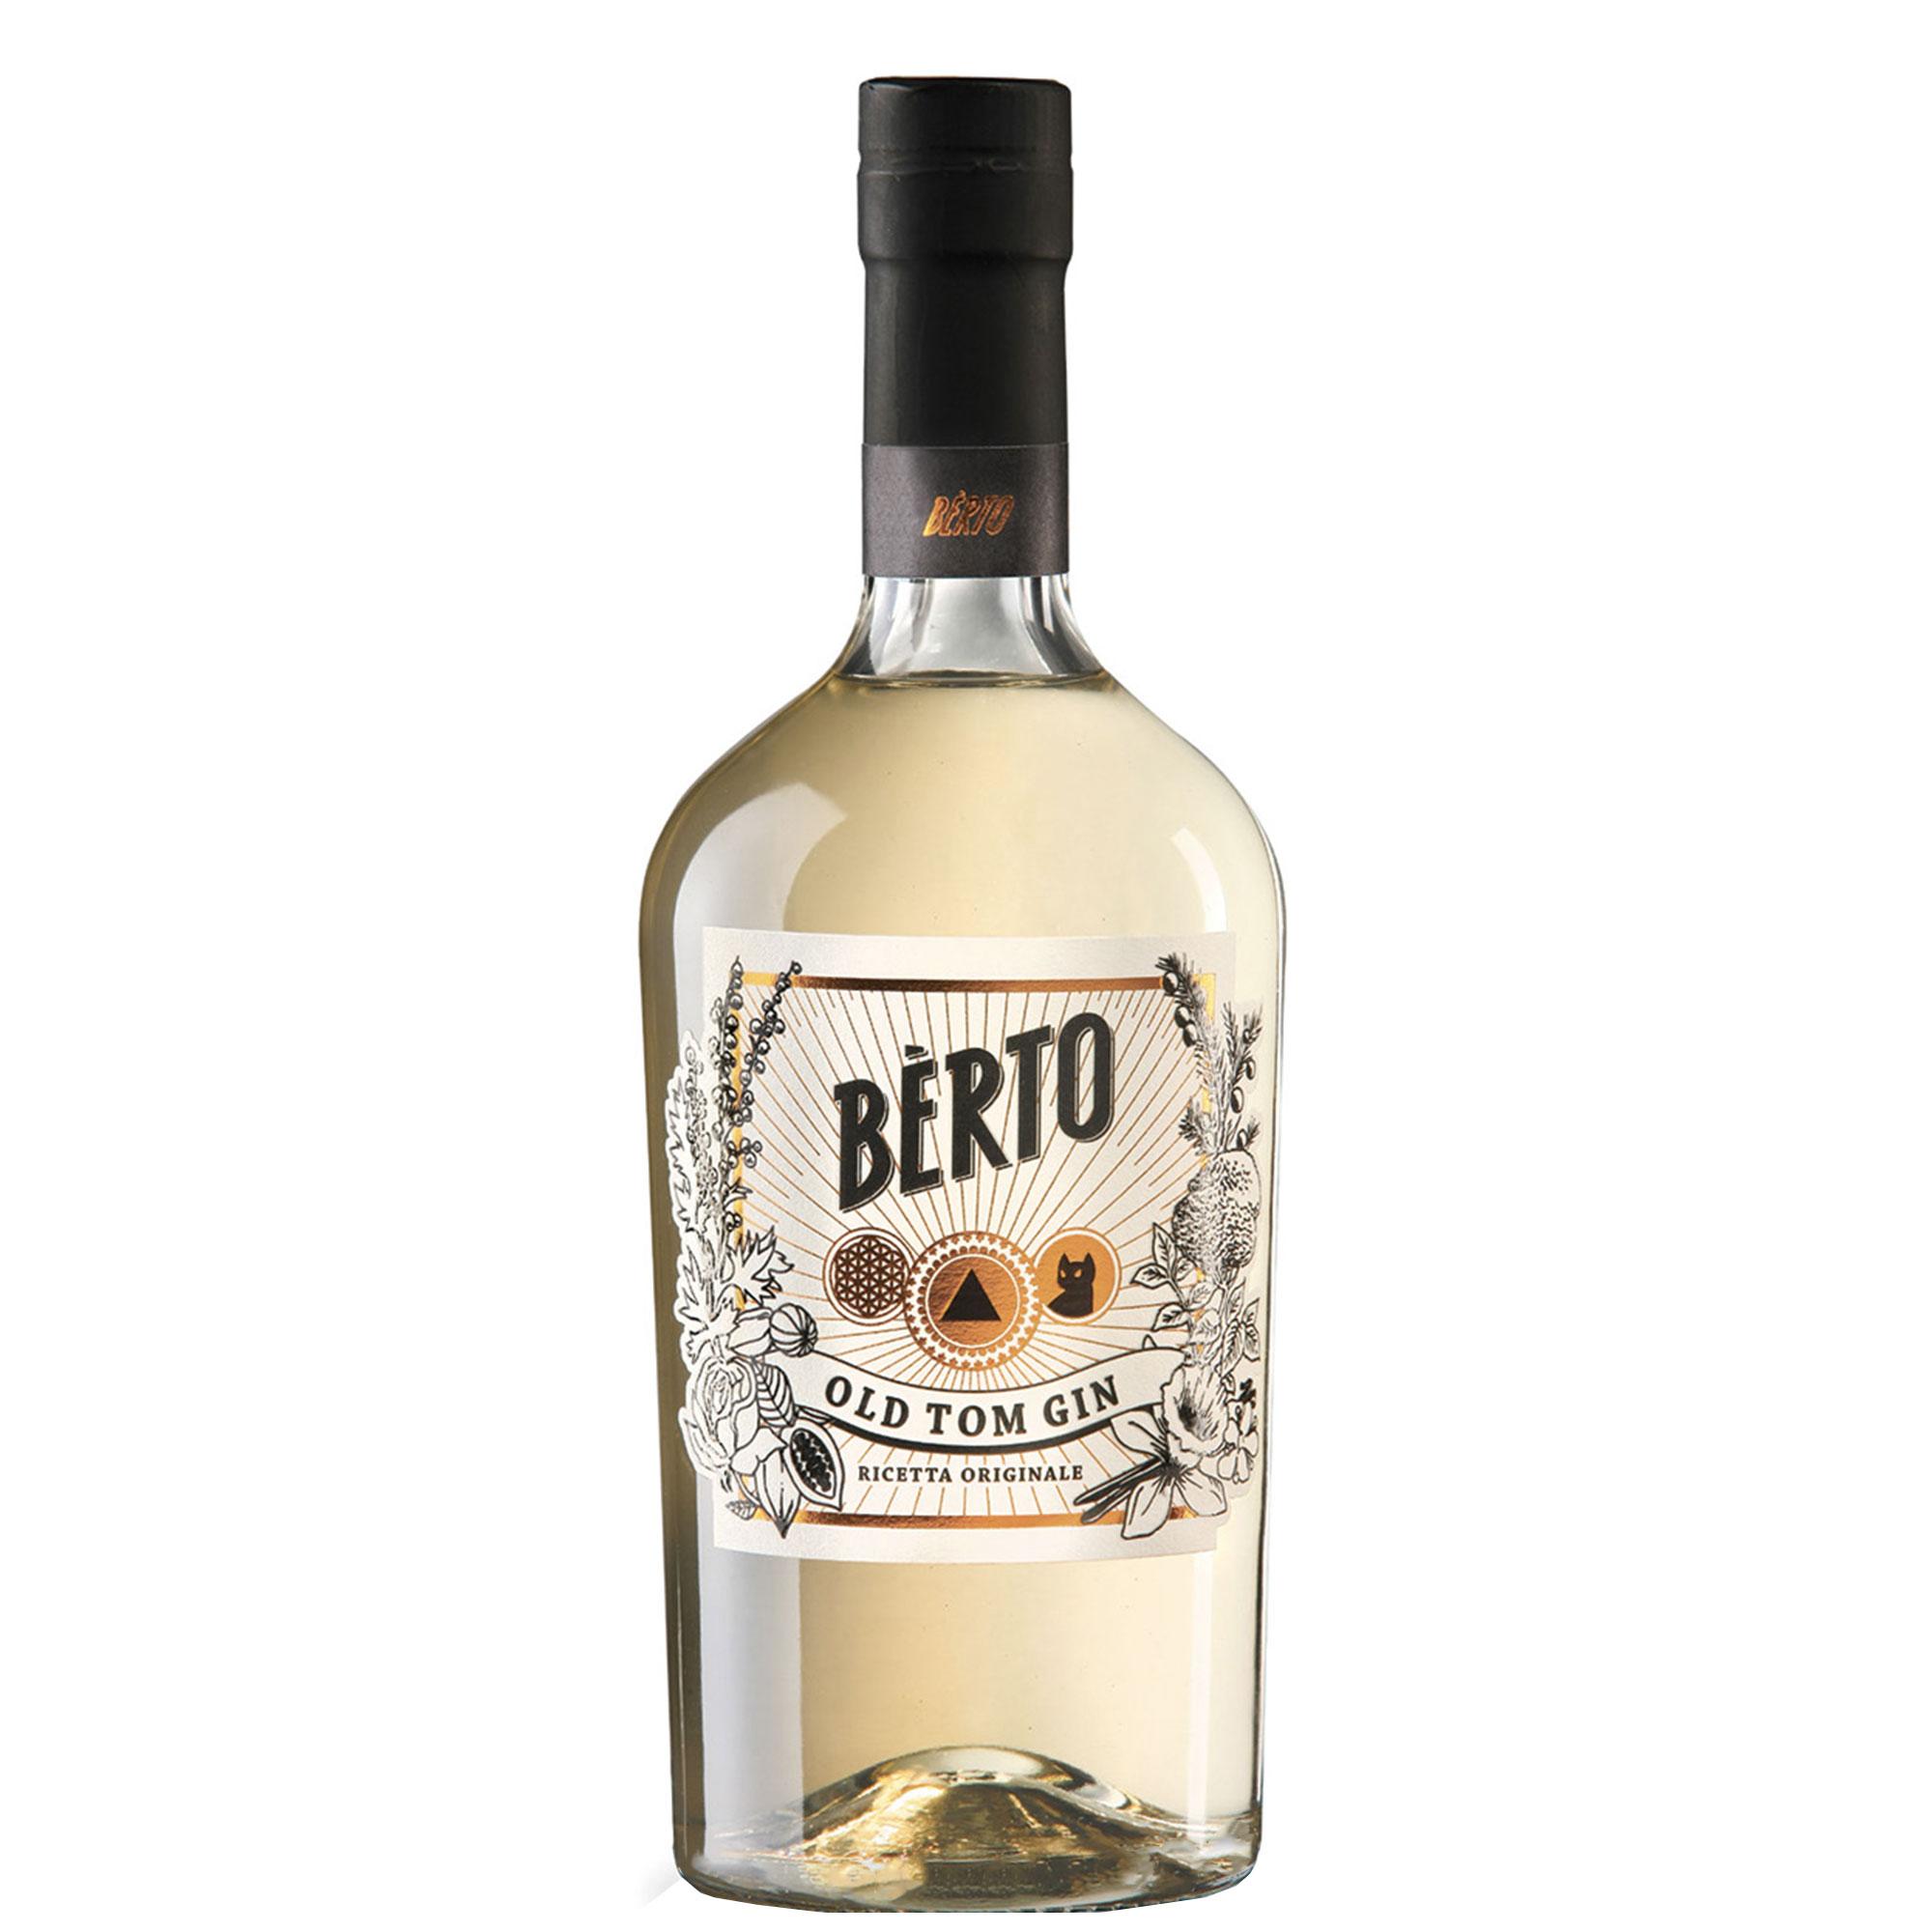 Distillato Old Tom Gin Berto Distilleria Quaglia